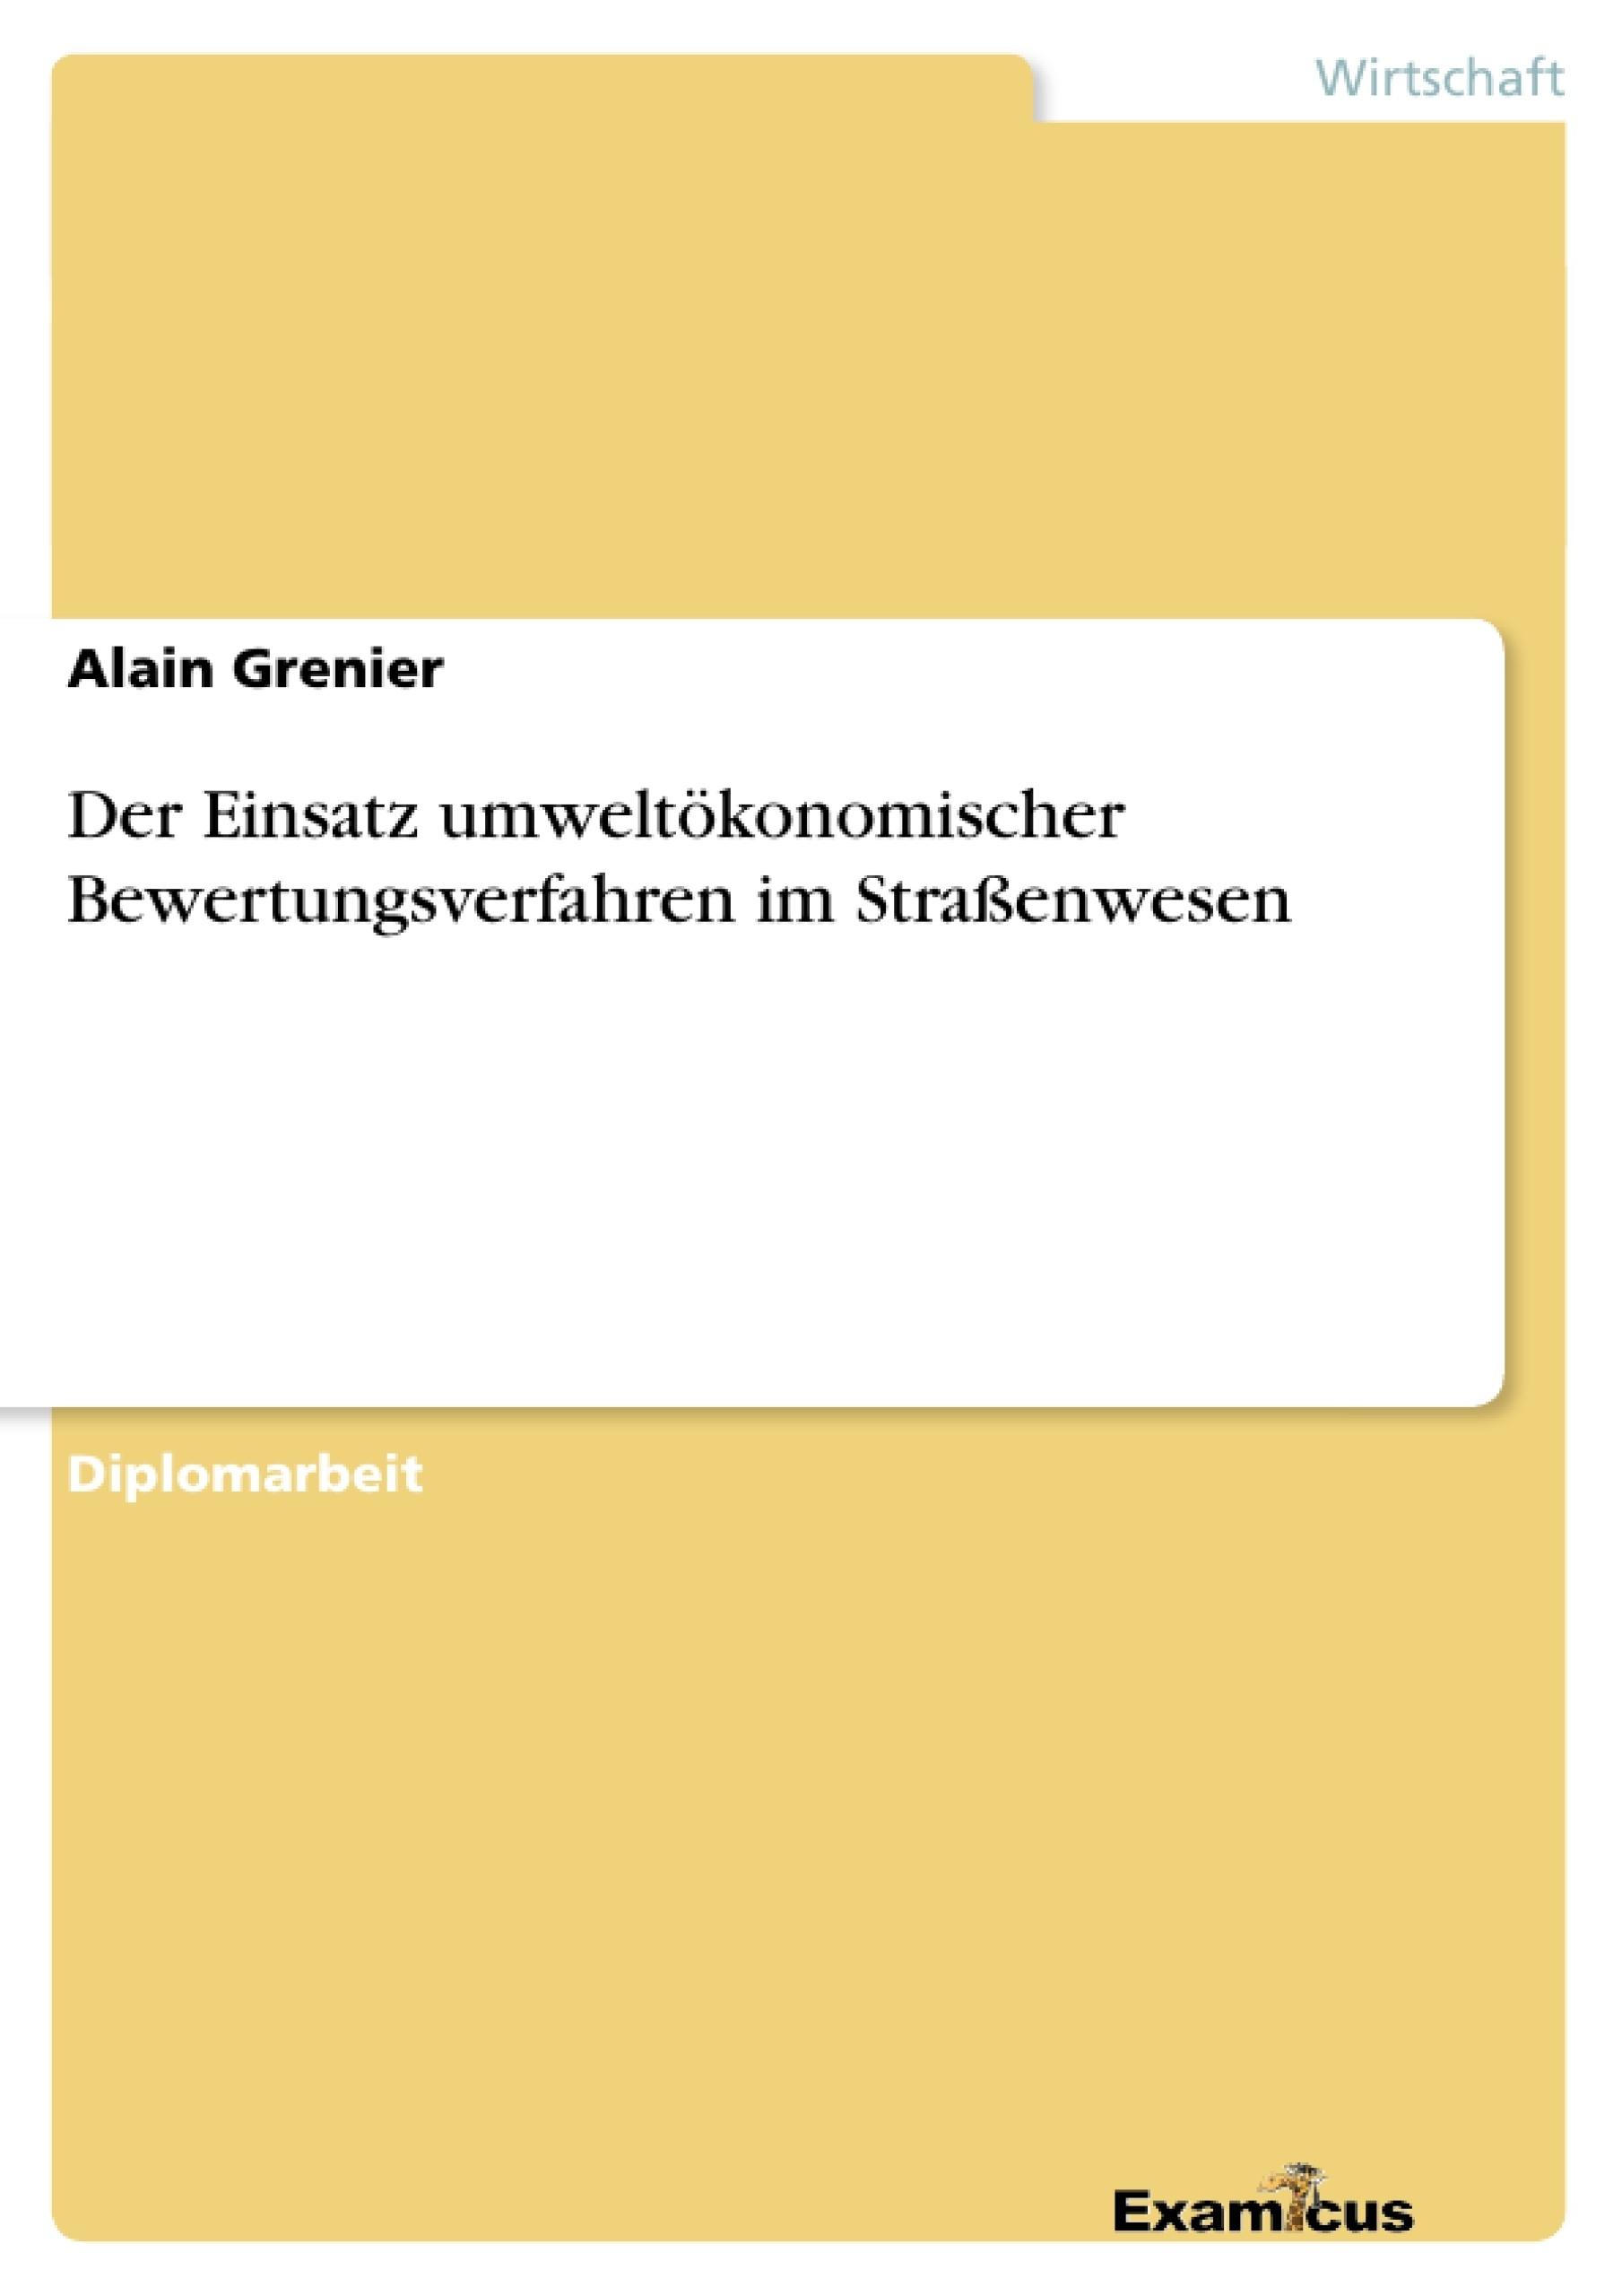 Titel: Der Einsatz umweltökonomischer Bewertungsverfahren im Straßenwesen